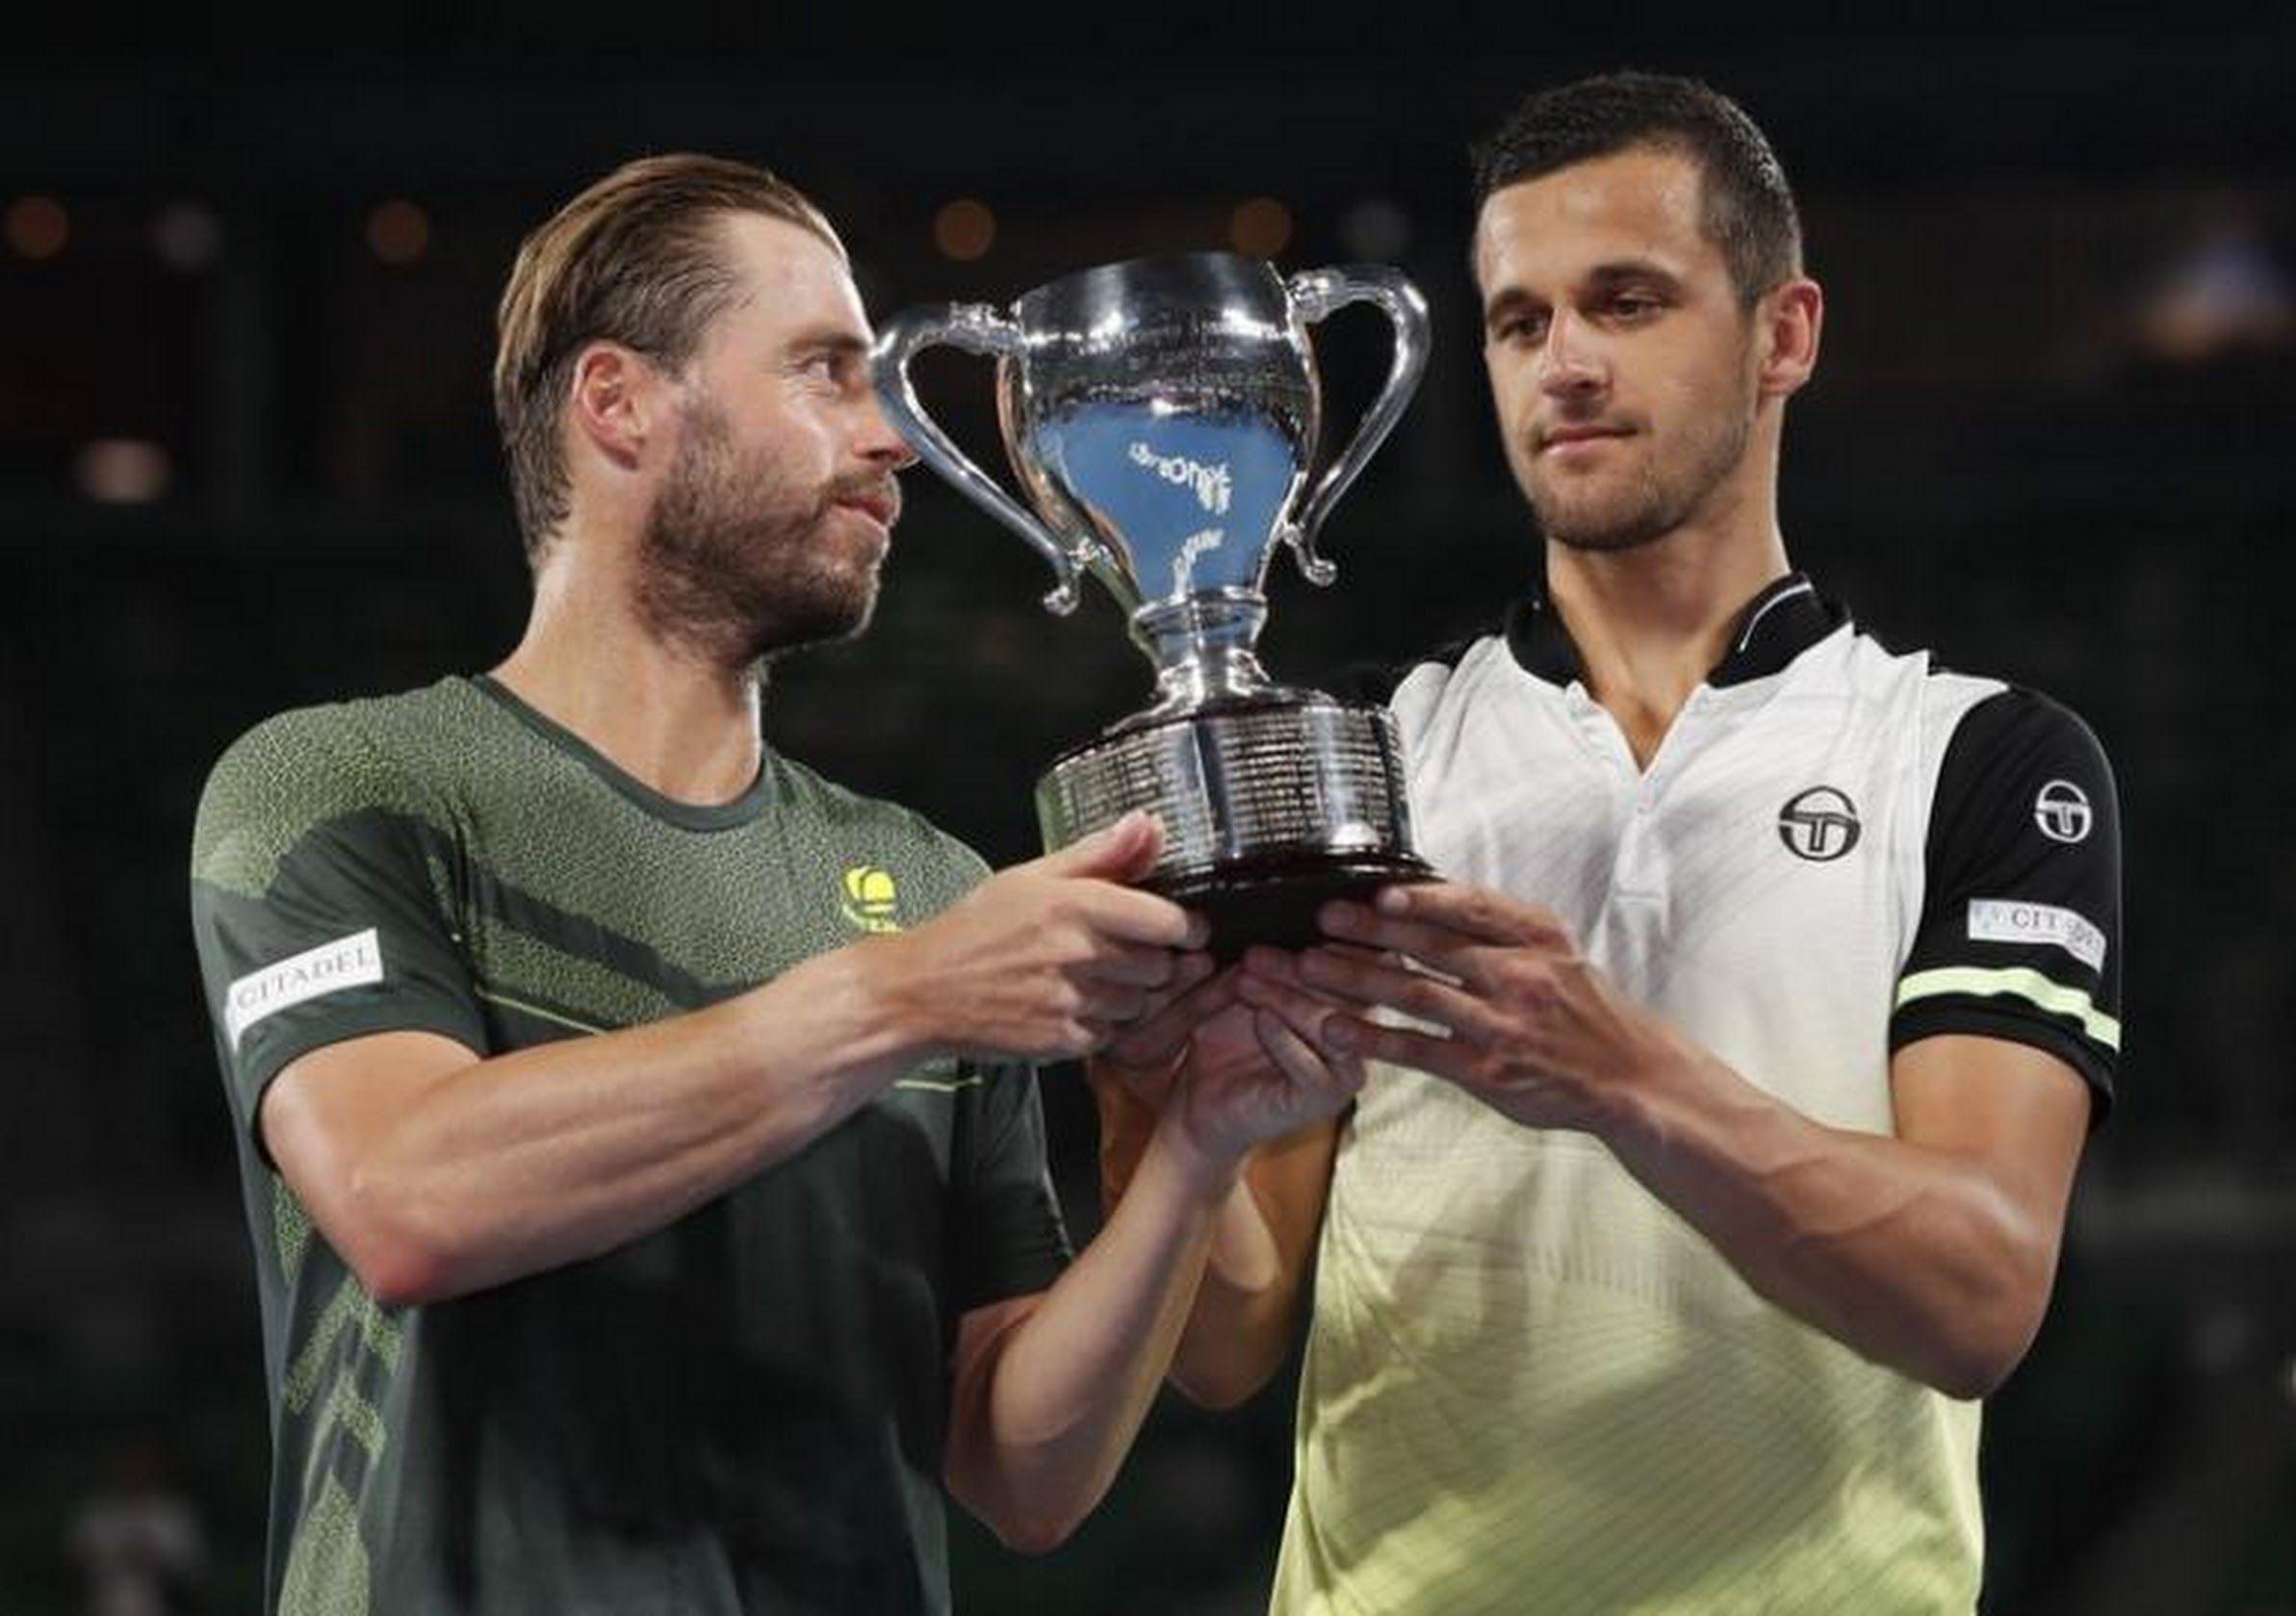 Marach, Pavic claim Australian Open men's doubles crown